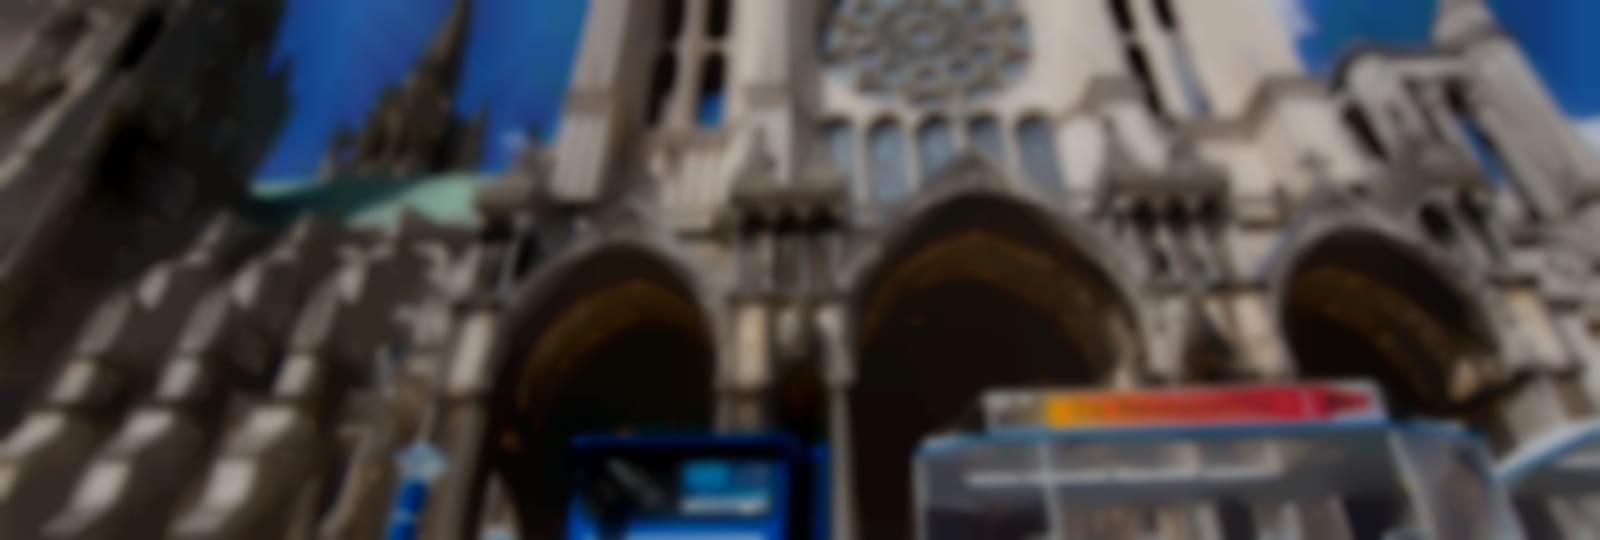 Le petit Chartrain - Découverte de Chartres - Photo Patrick Forget